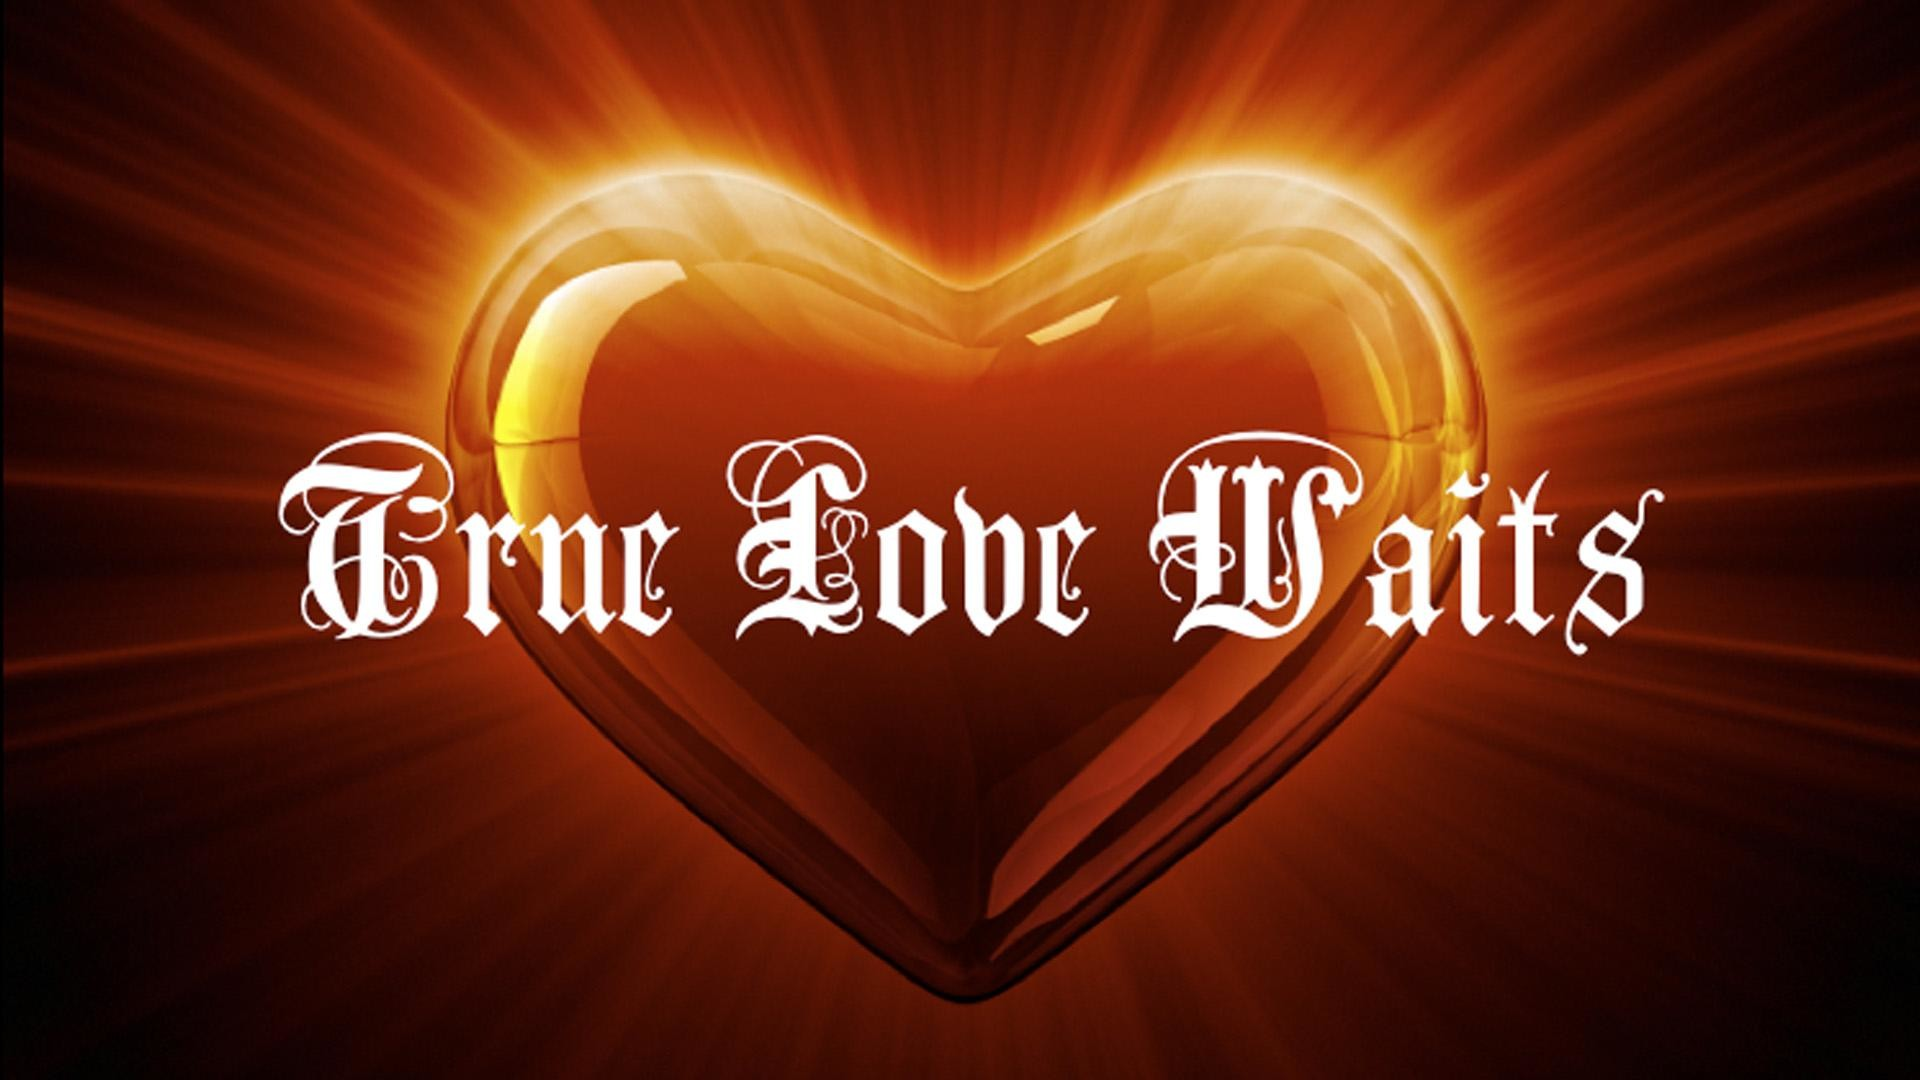 True Love Wallpaper HD